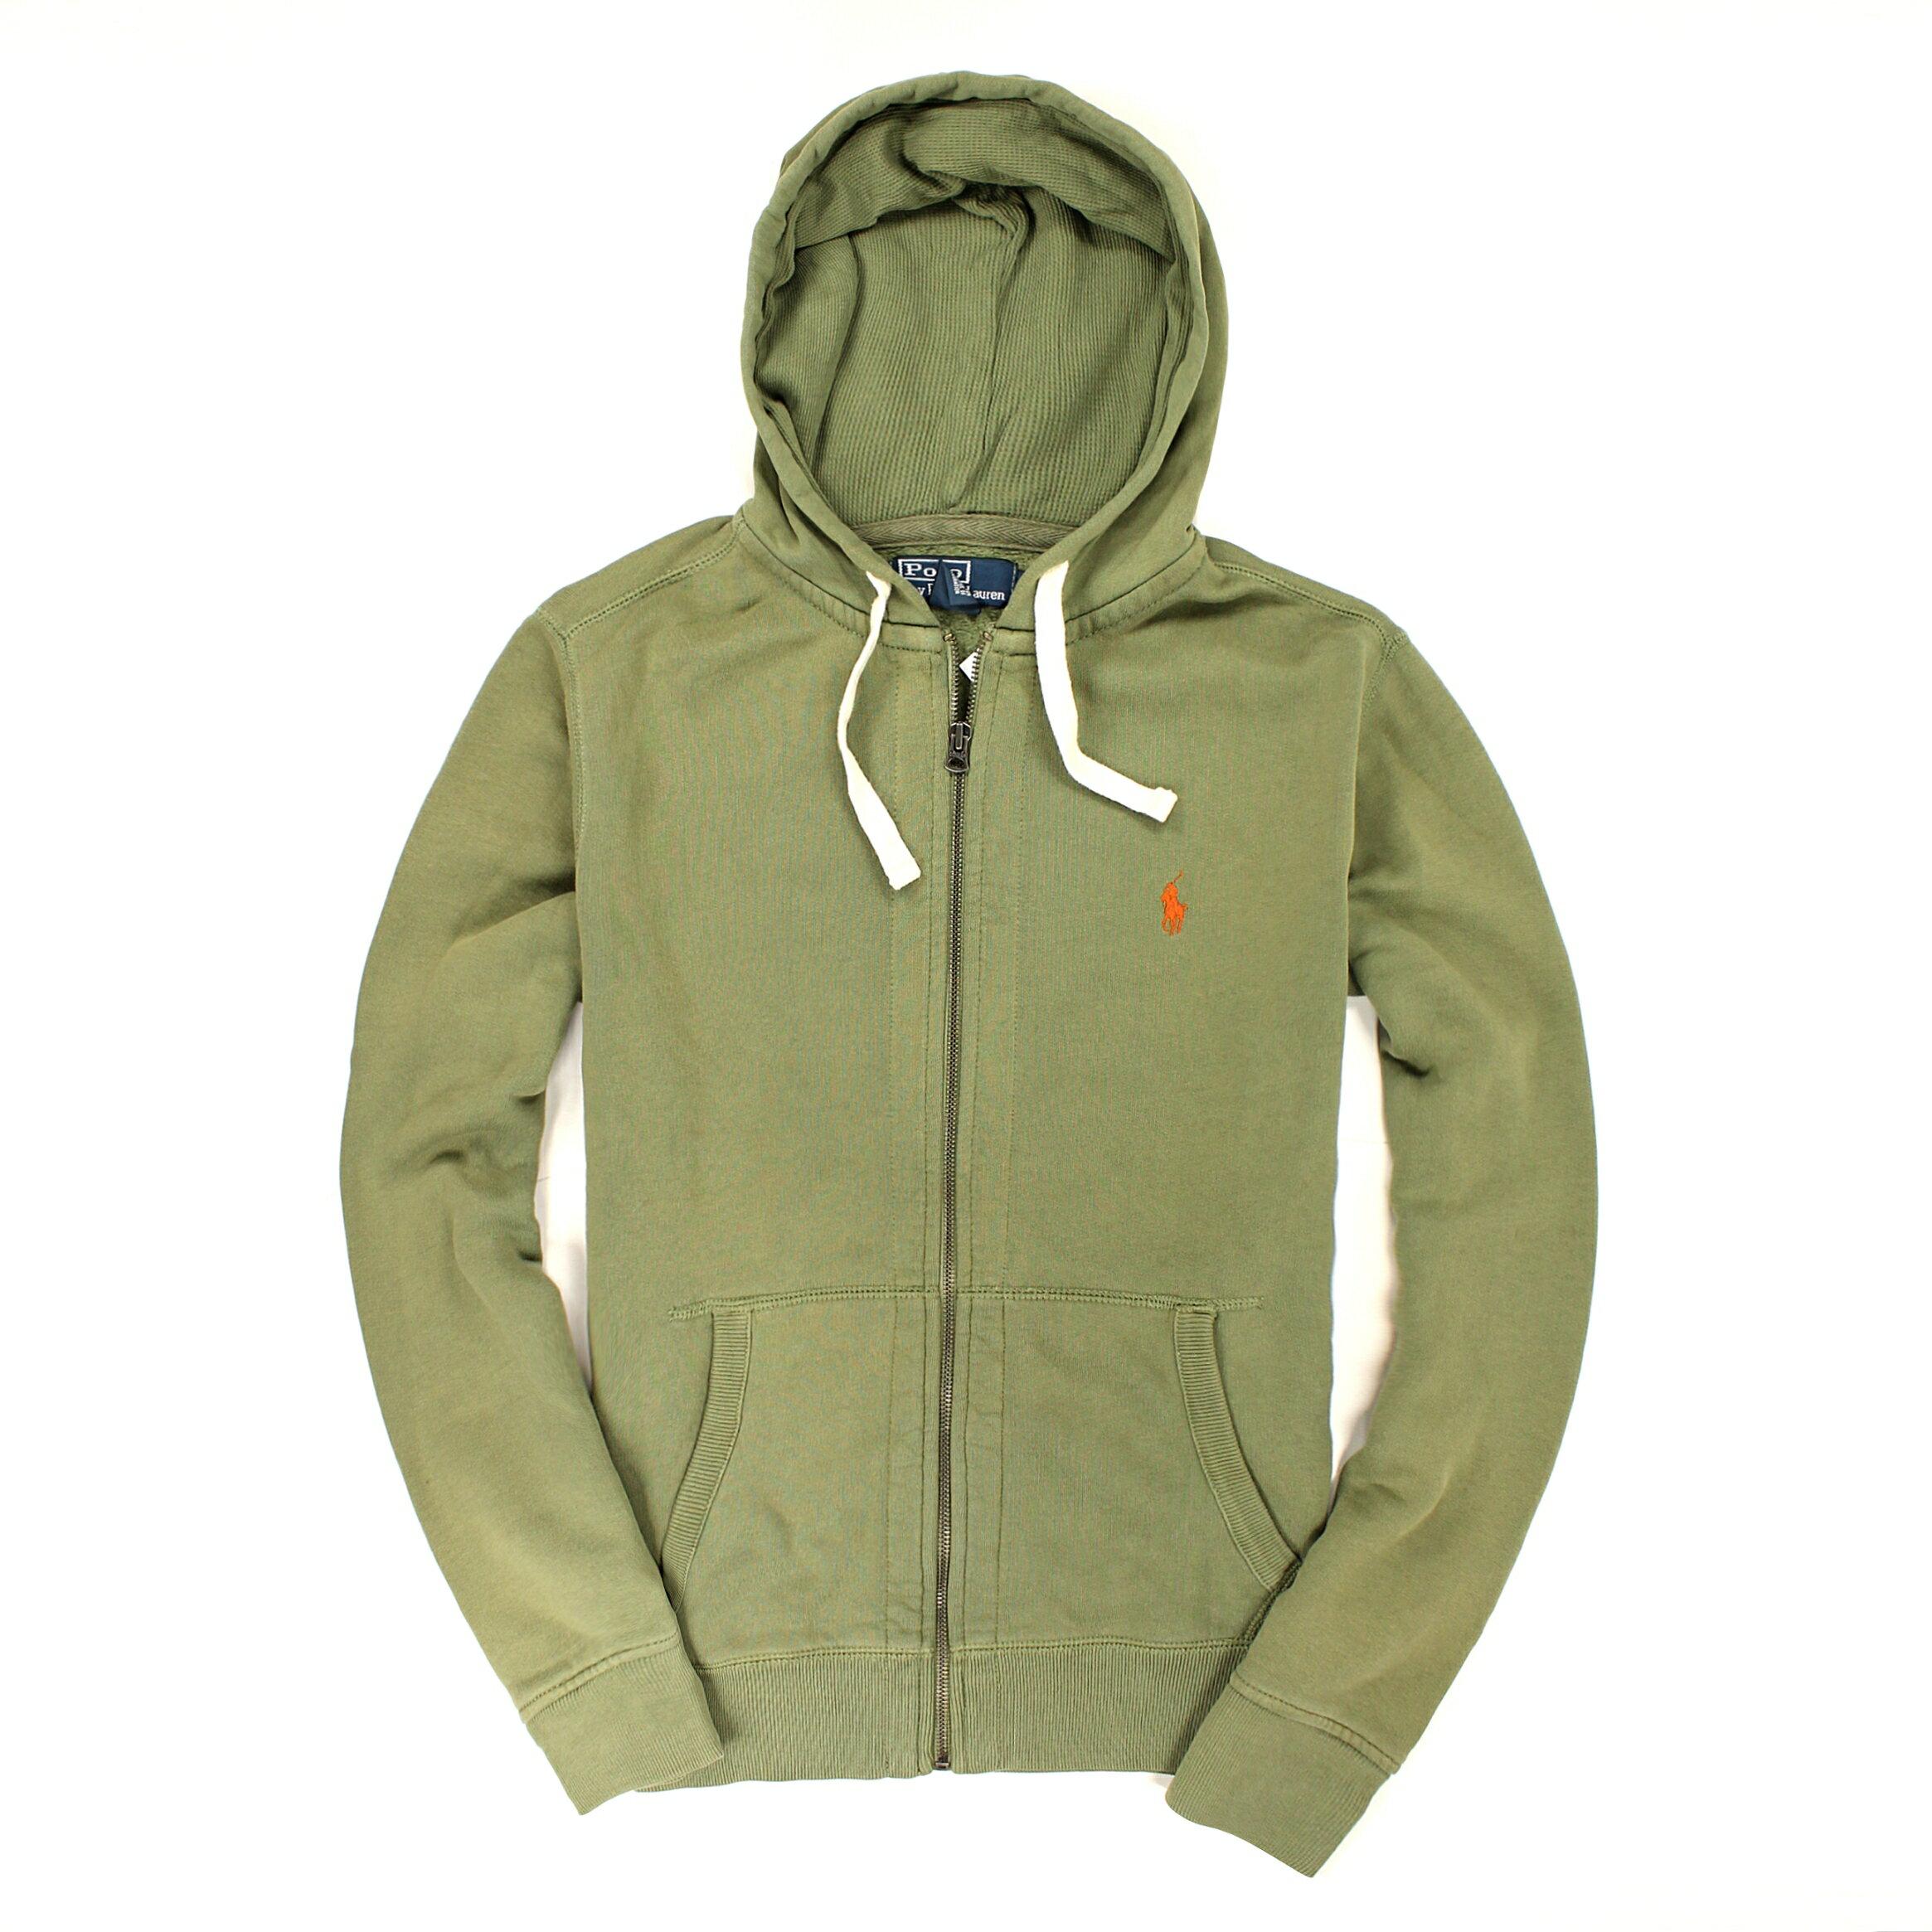 美國百分百【全新真品】Ralph Lauren 外套 RL 連帽外套 夾克 Polo 小馬 綠灰 棉質 經典 男 M號 B034